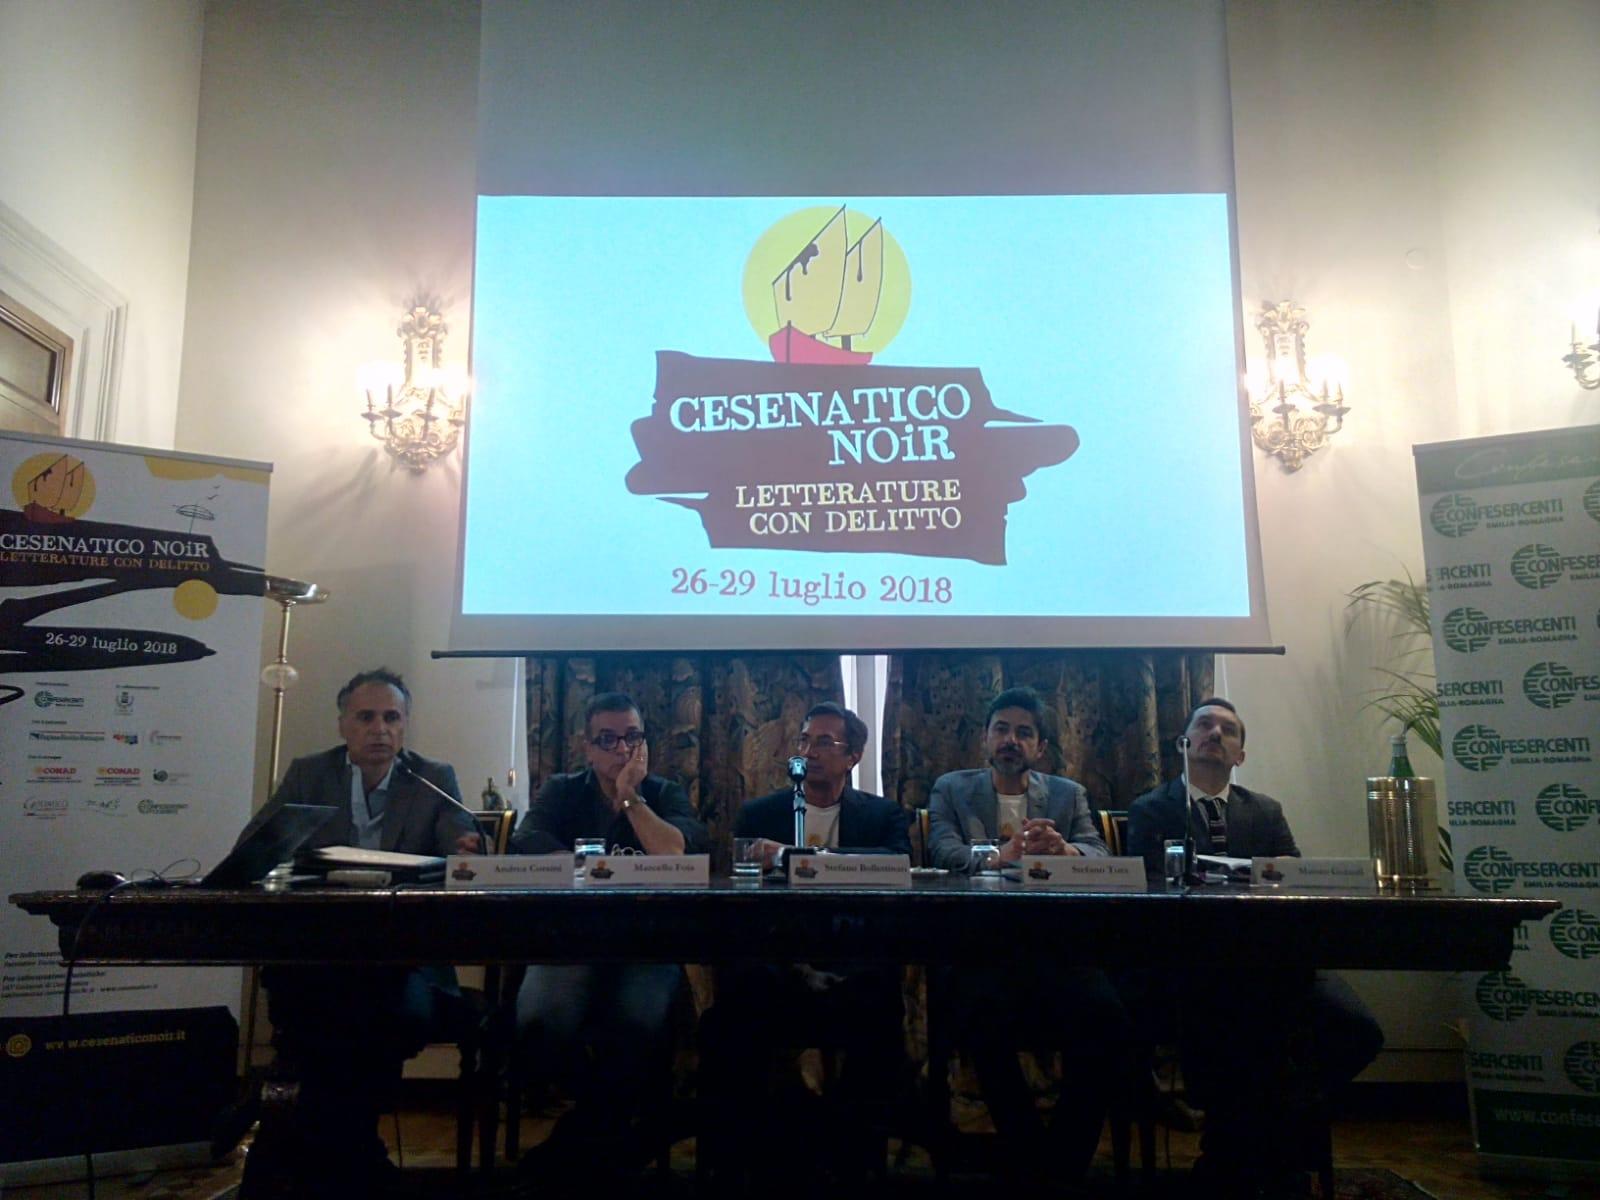 Cesenatico in luglio si tinge di giallo con Björn Larsson e 13 fra i migliori autori italiani del genere